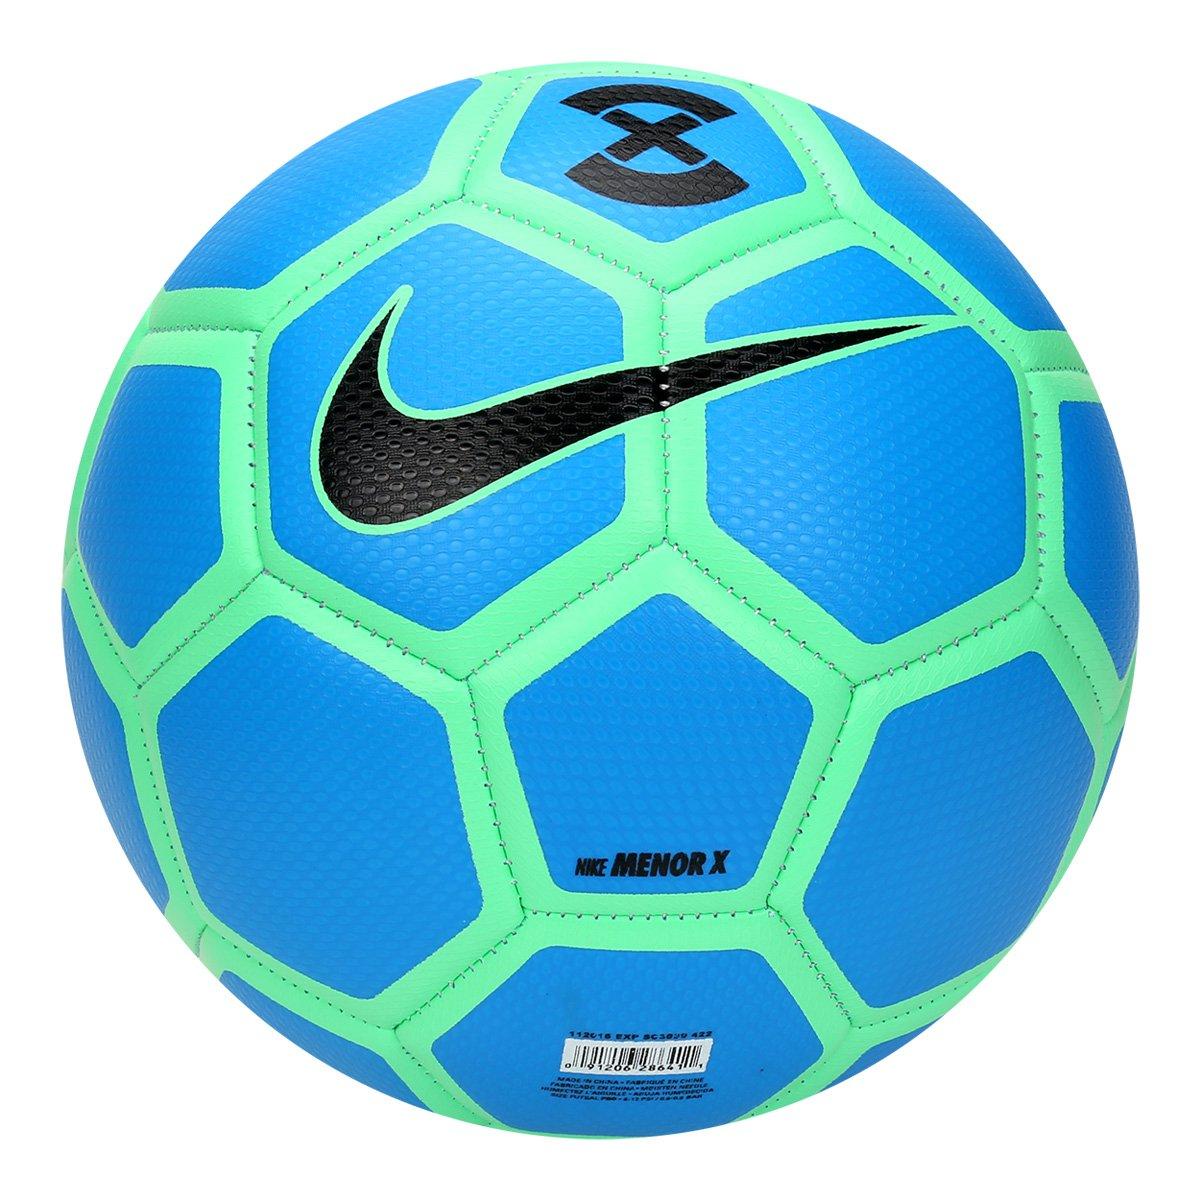 85be896b01 Bola de Futsal Nike FootballX Menor - Azul Piscina e Verde